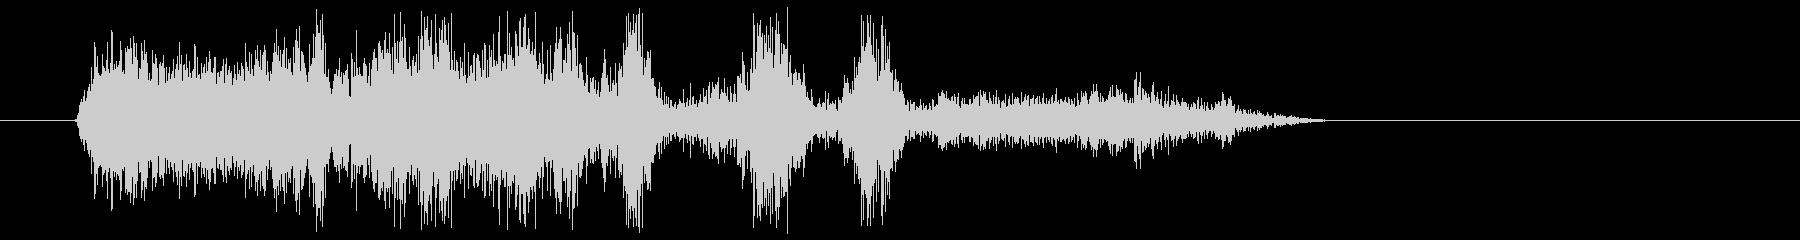 ショートリミテッドラジオスタティック2の未再生の波形